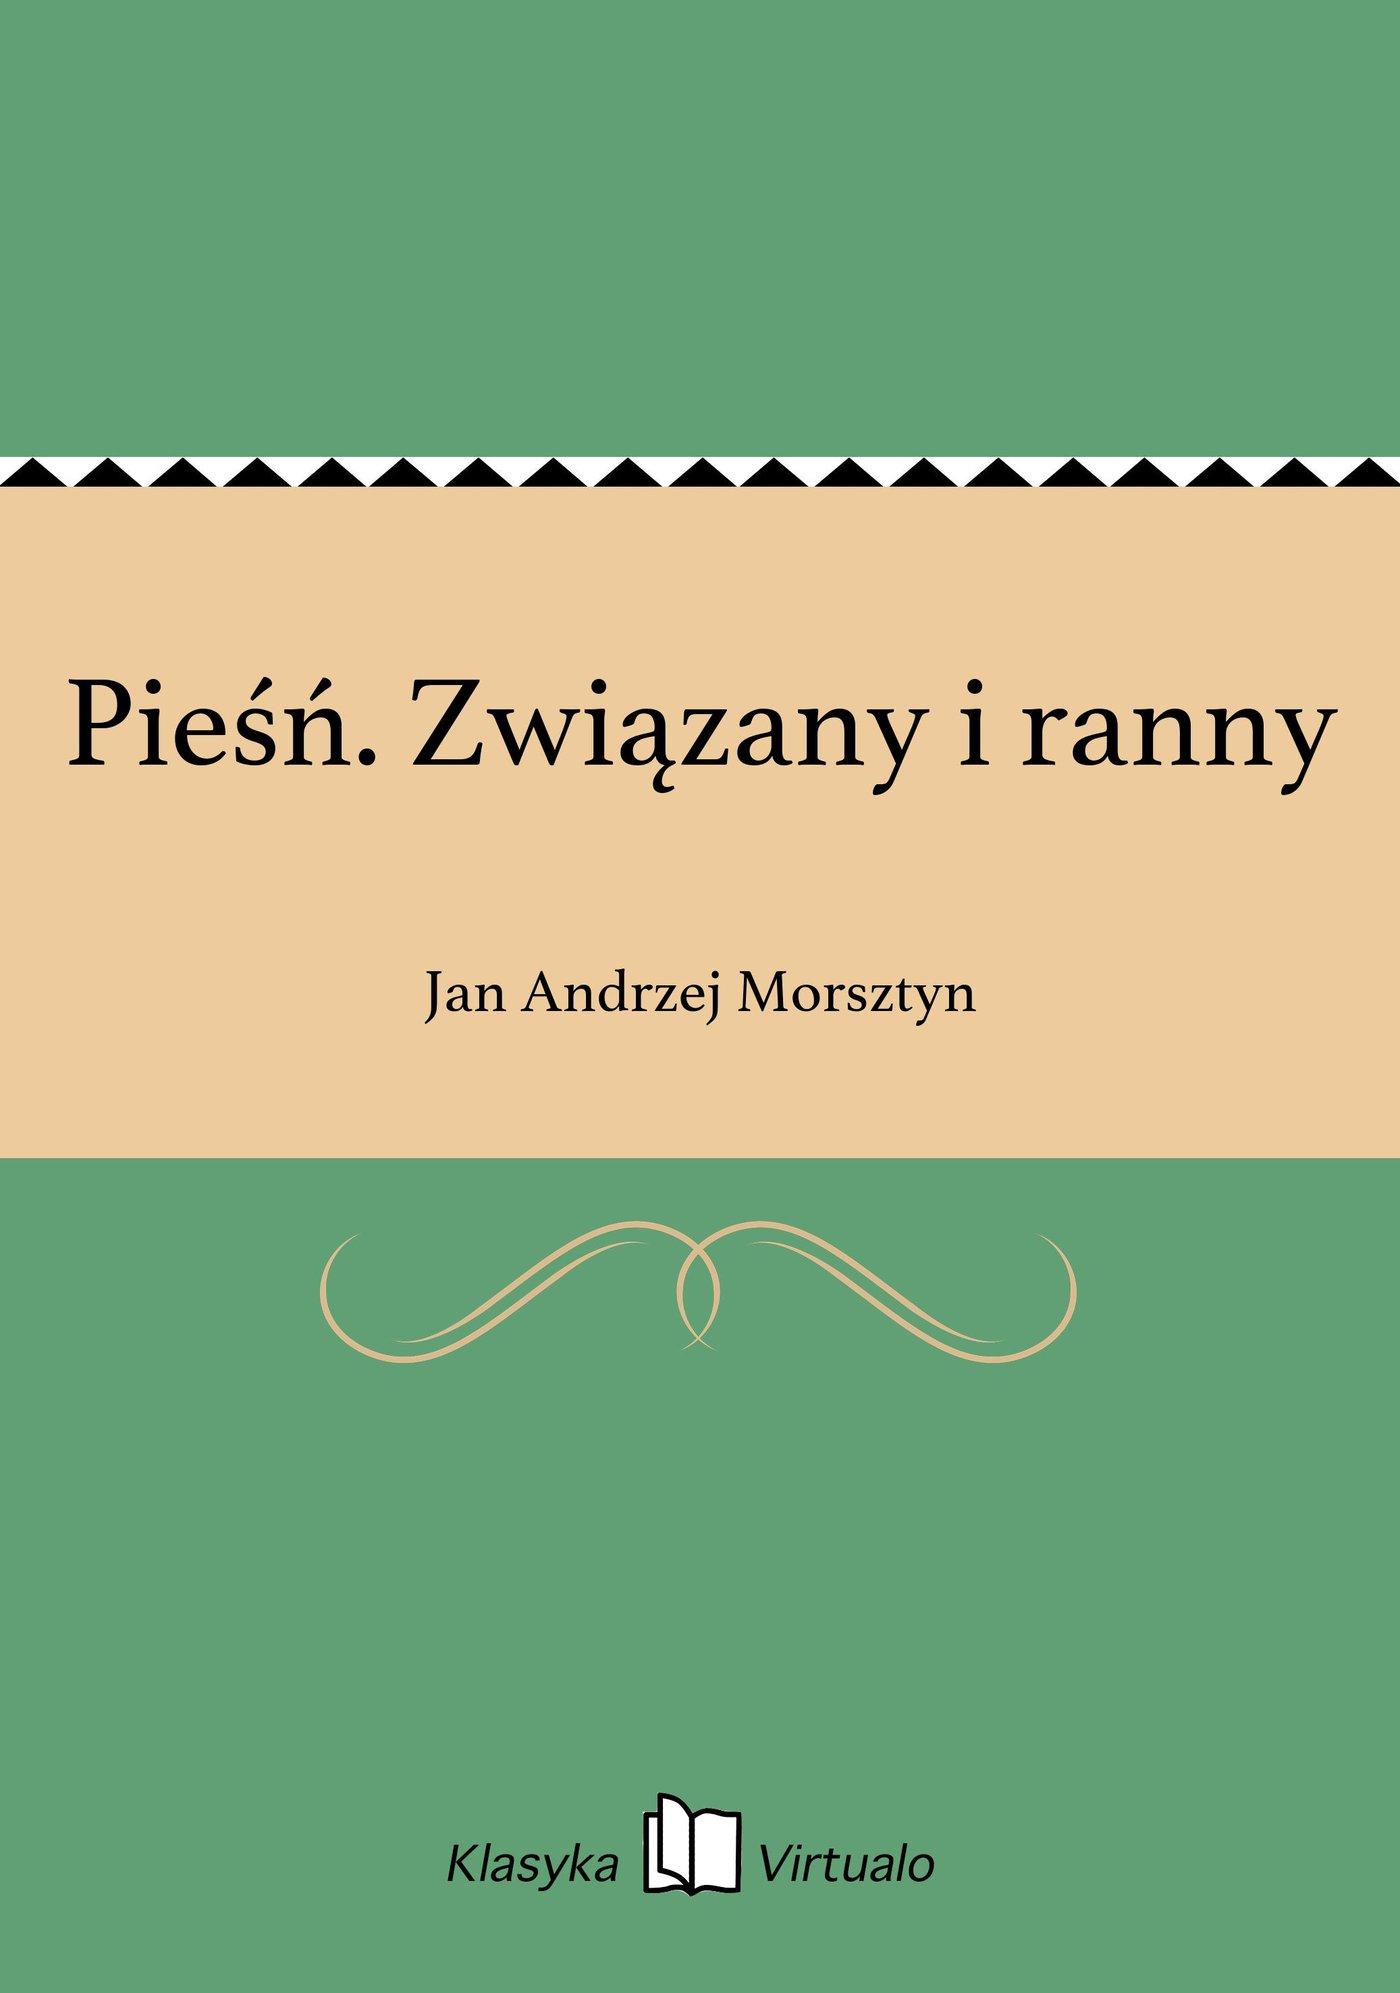 Pieśń. Związany i ranny - Ebook (Książka EPUB) do pobrania w formacie EPUB